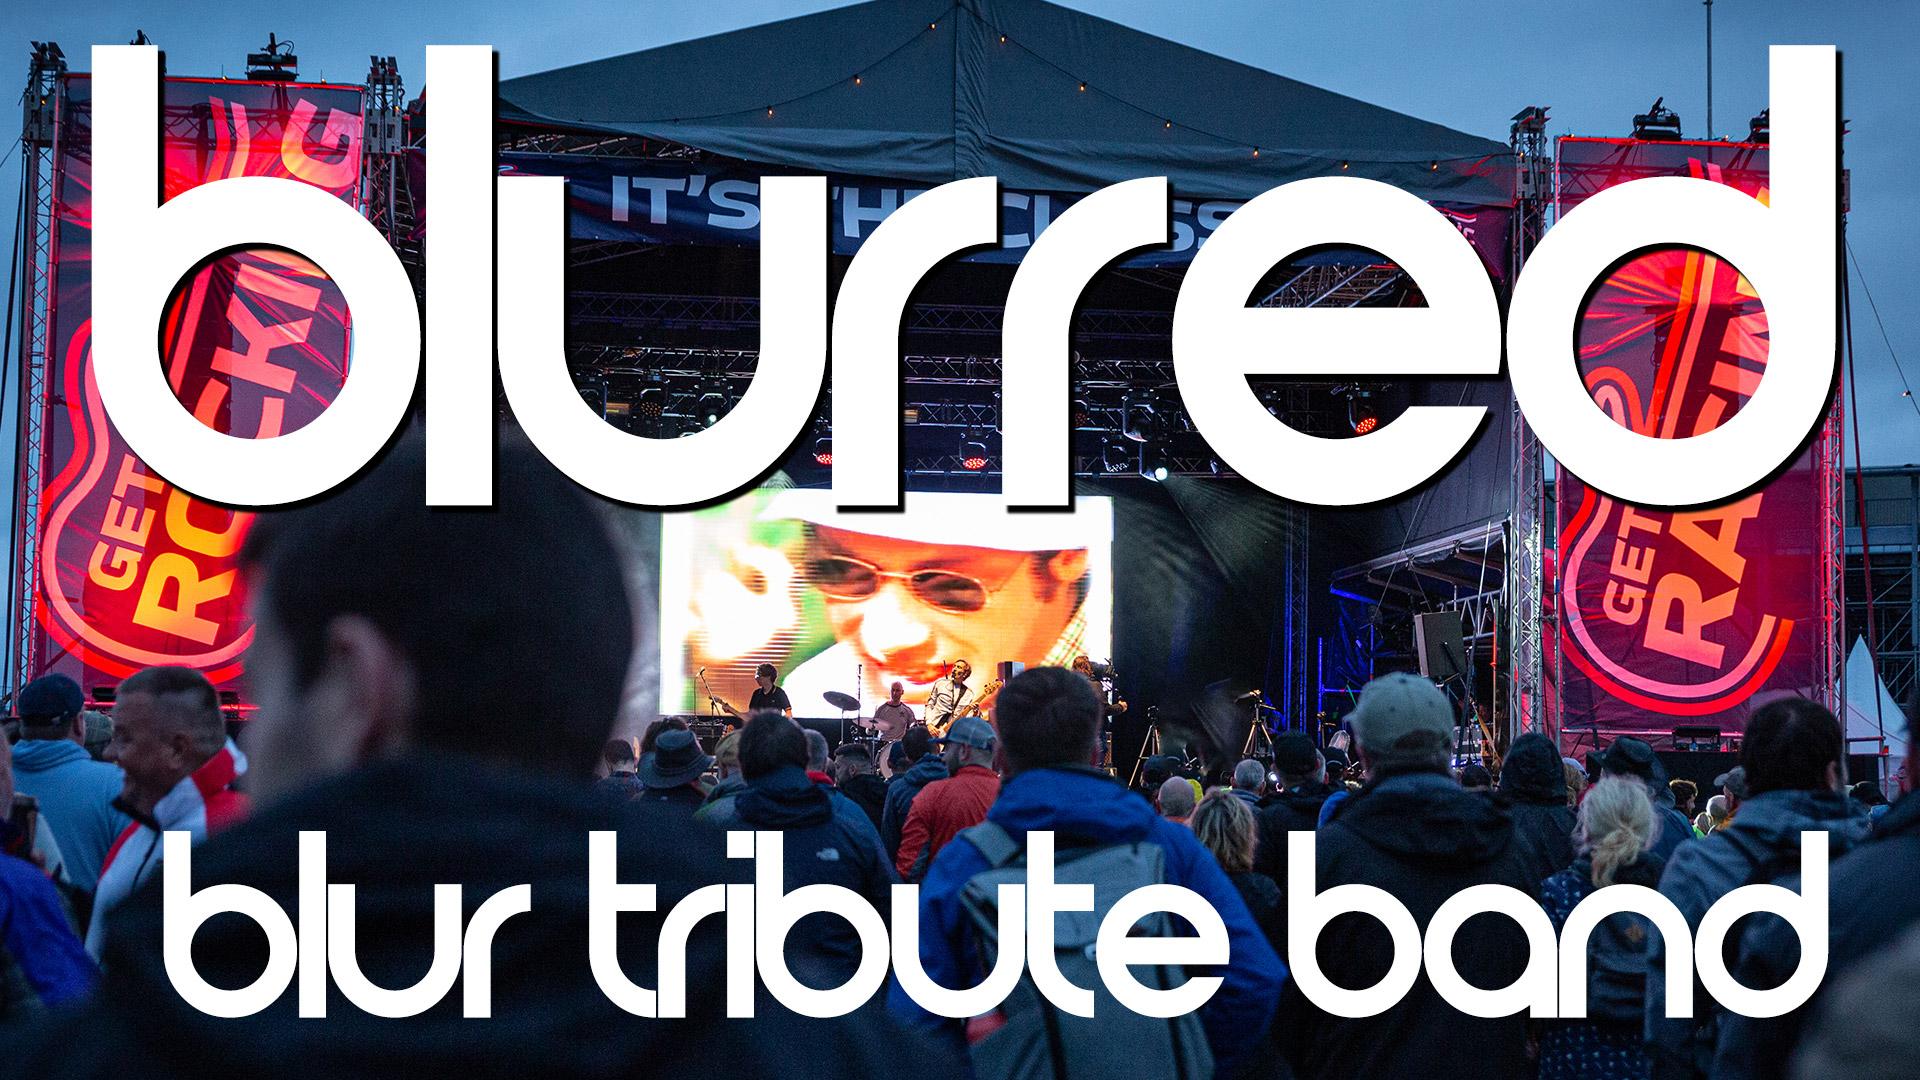 Blurred Blur Tribute Band